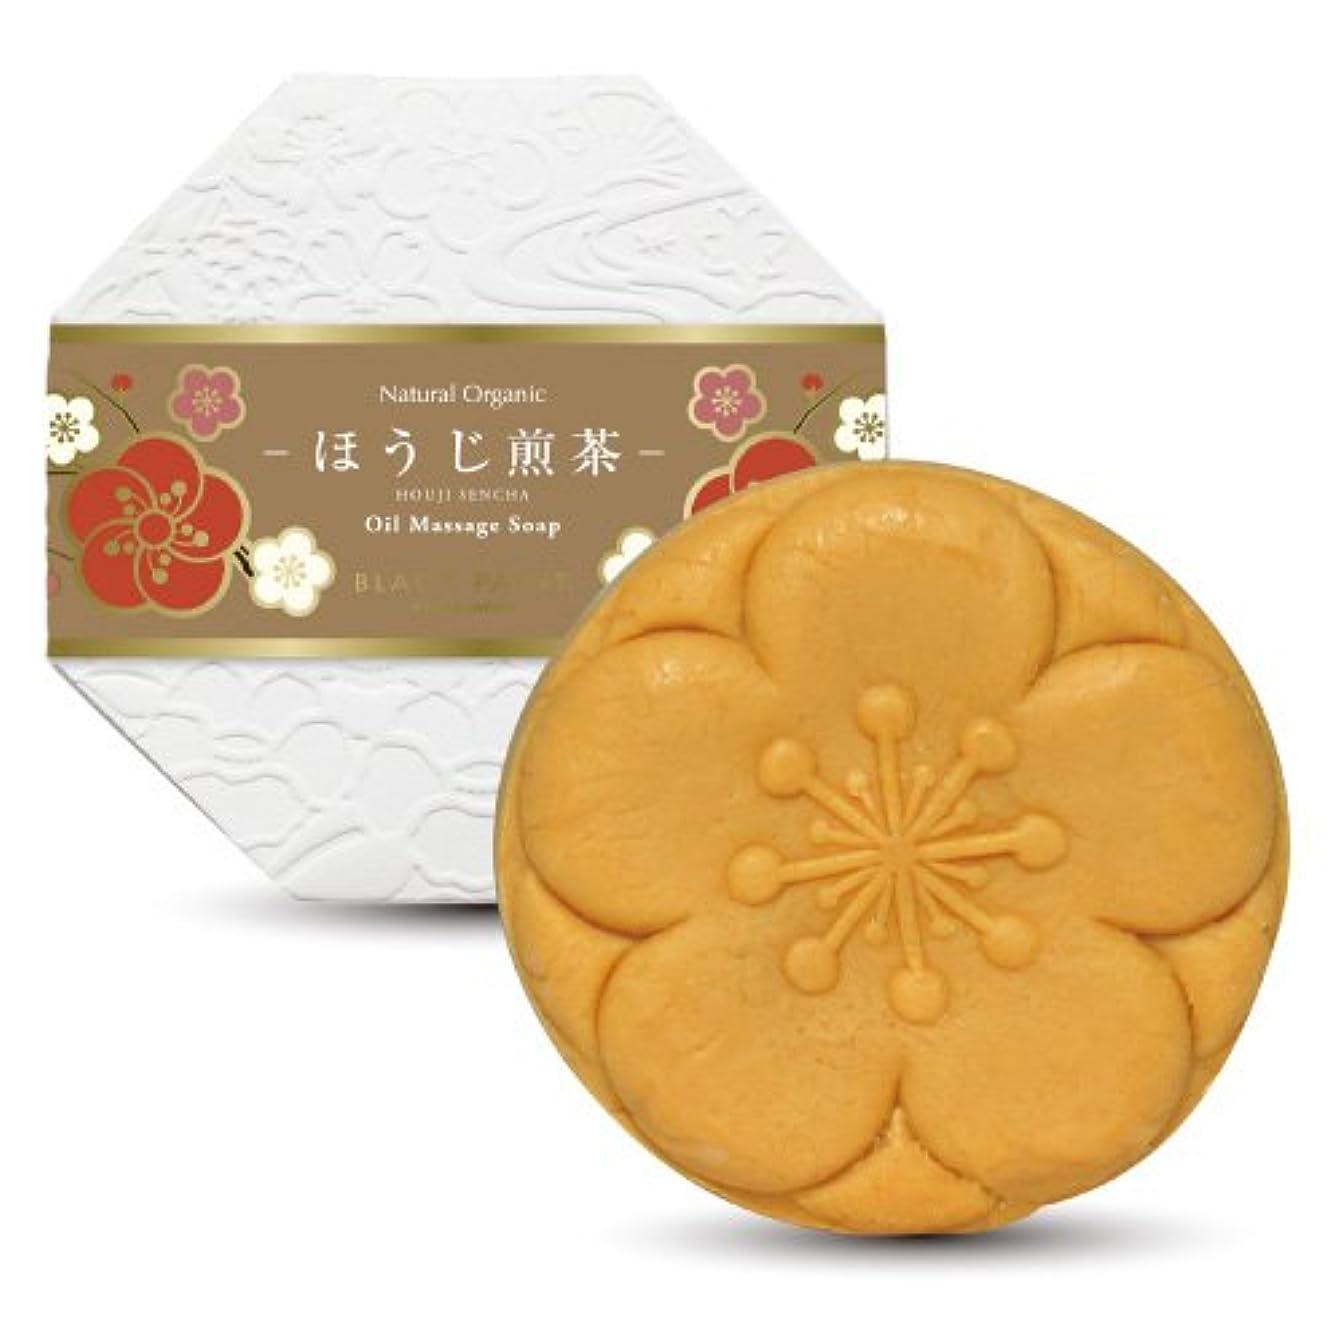 超高層ビルゴールデン経験京のお茶石鹸 ほうじ煎茶 120g 塗る石鹸